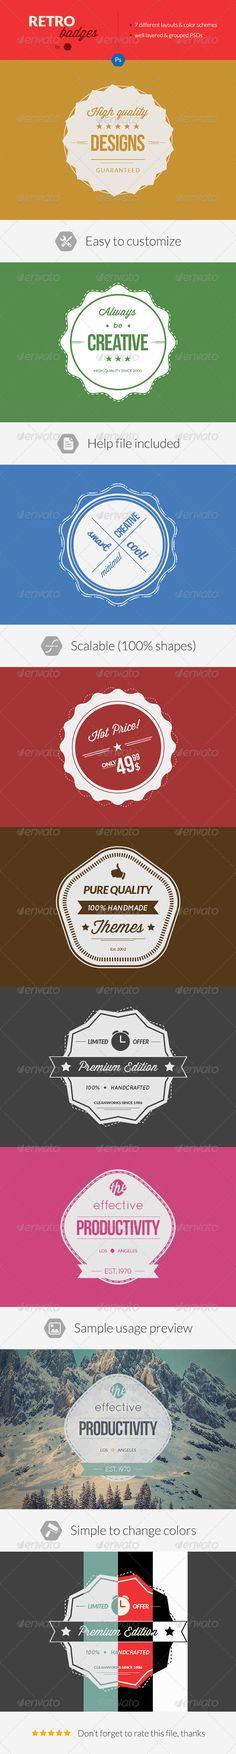 Retro Photoshop Badges / Vintage Minimal Labels - Badges & Stickers Web Elements